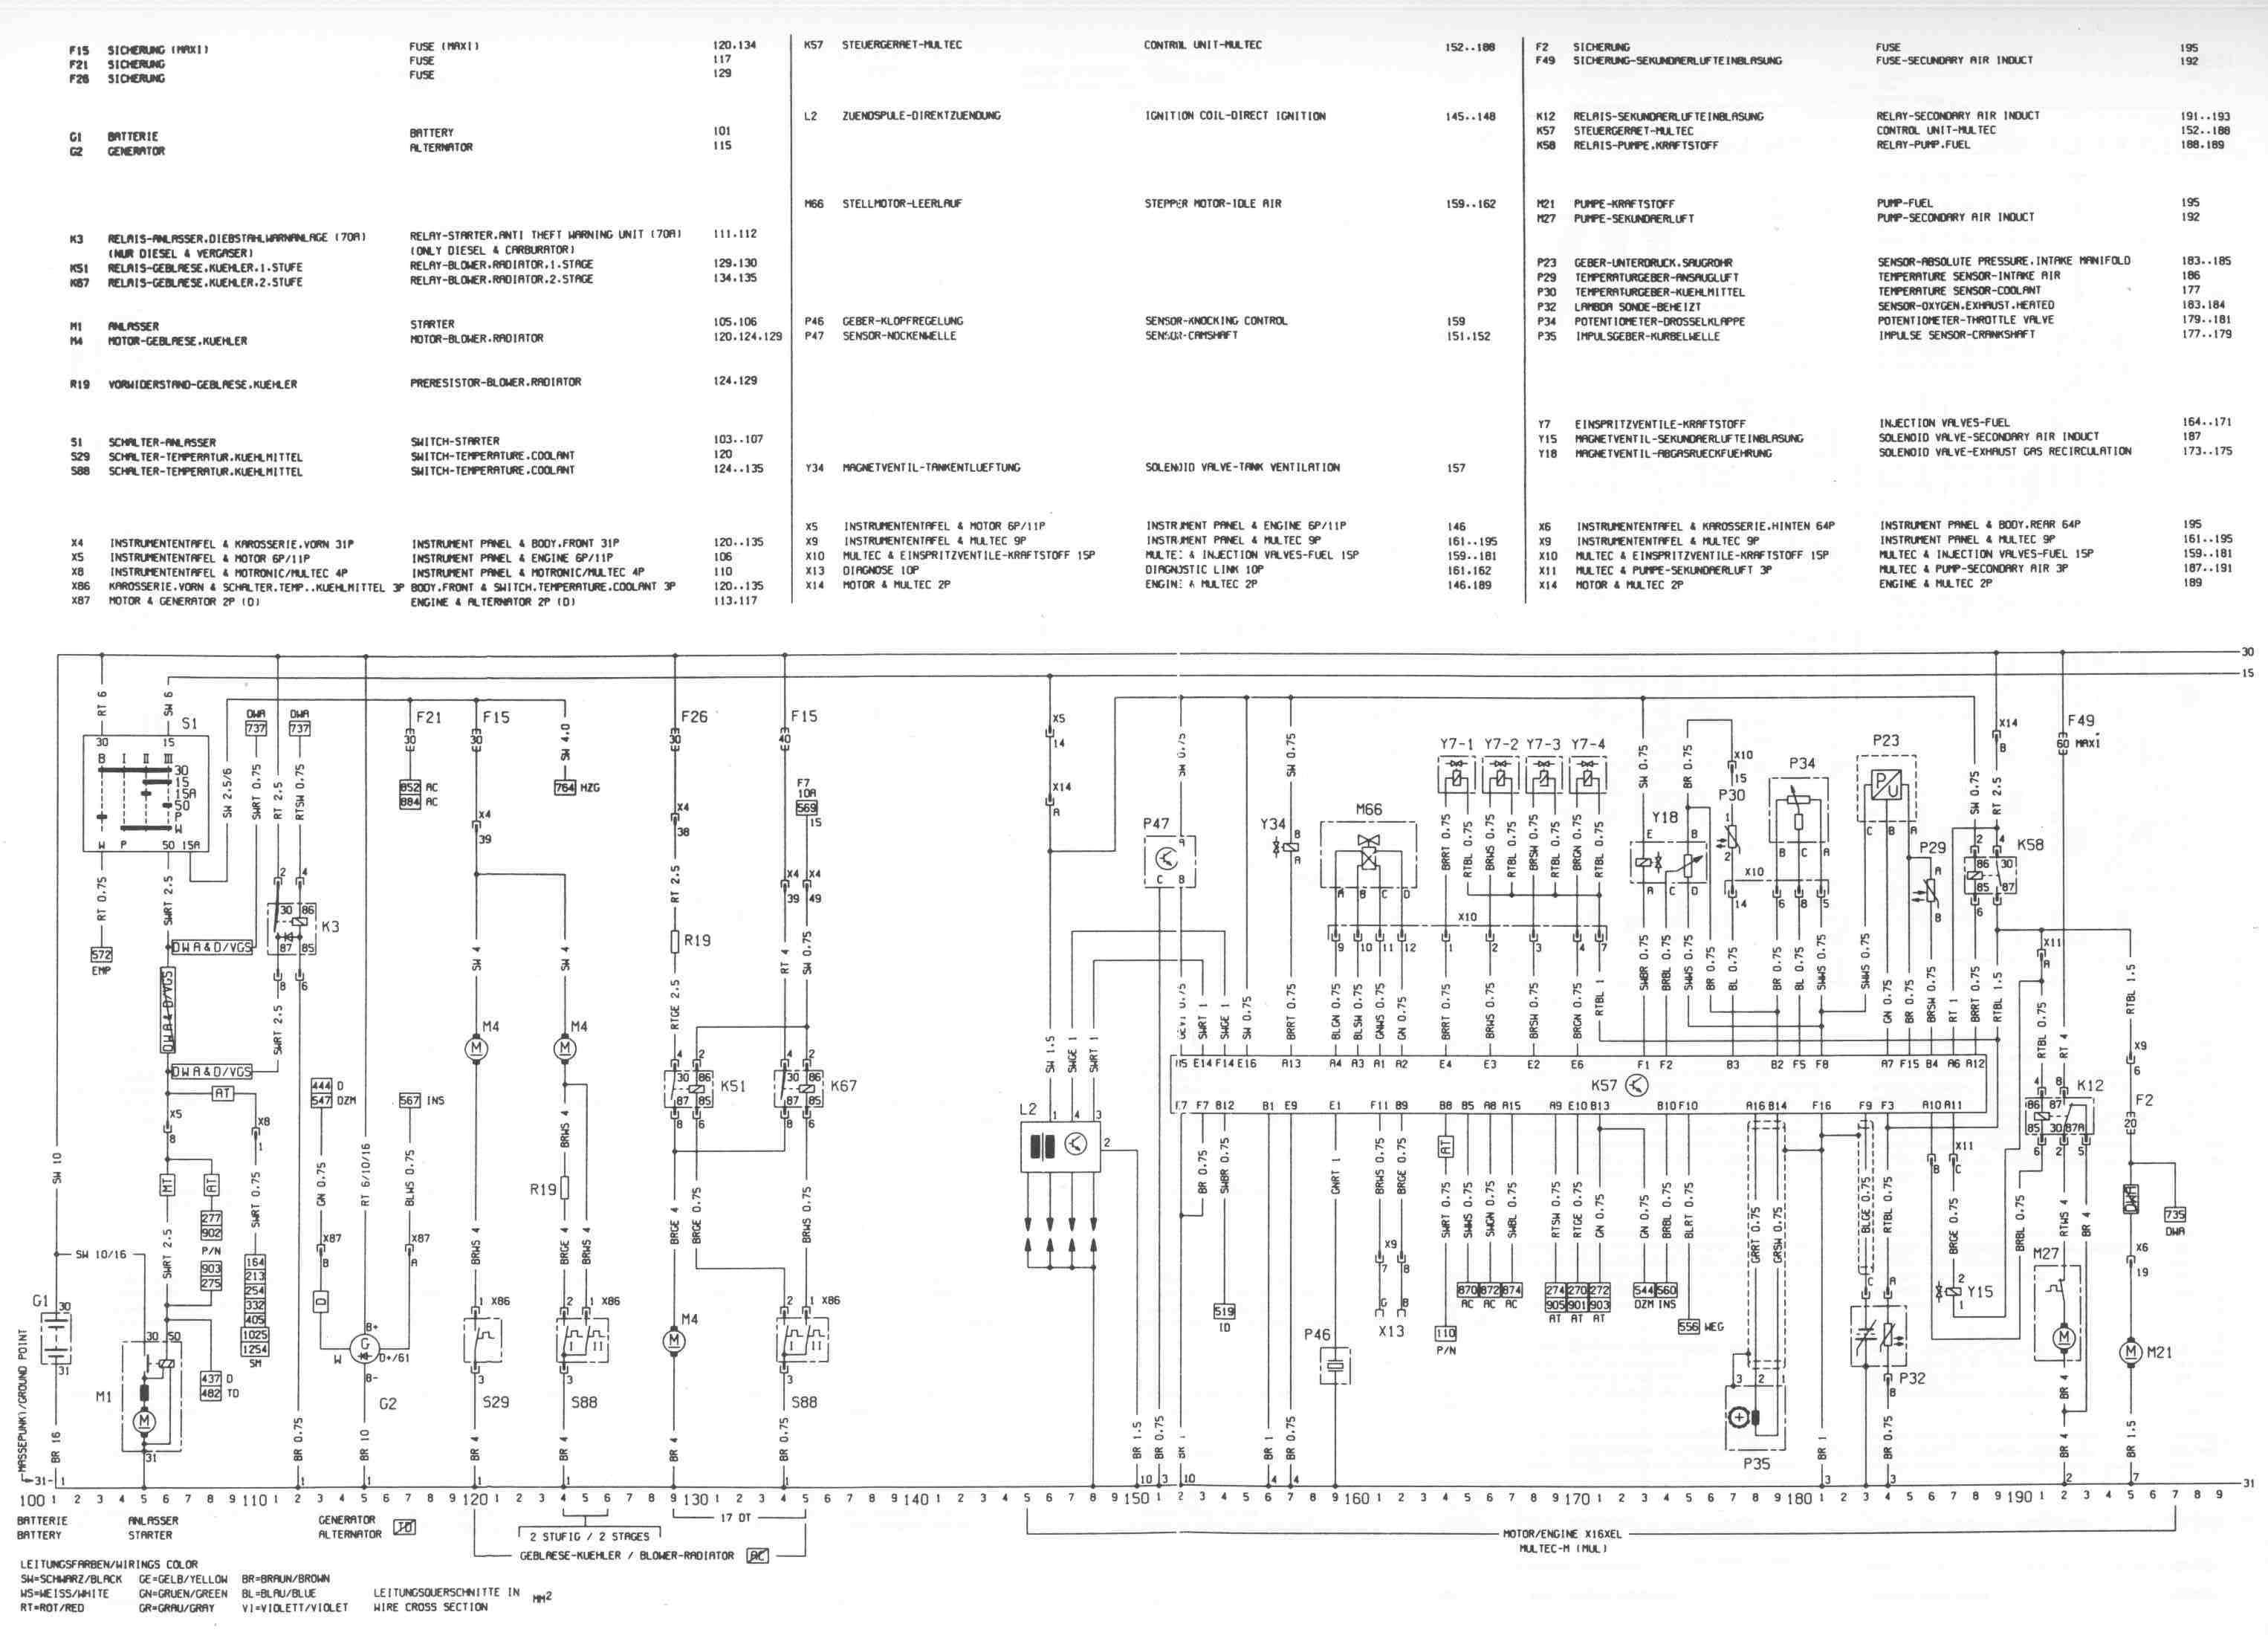 vauxhall astra 52 fuse box vauxhall astra fuse box layout 1995 e3 wiring diagram  vauxhall astra fuse box layout 1995